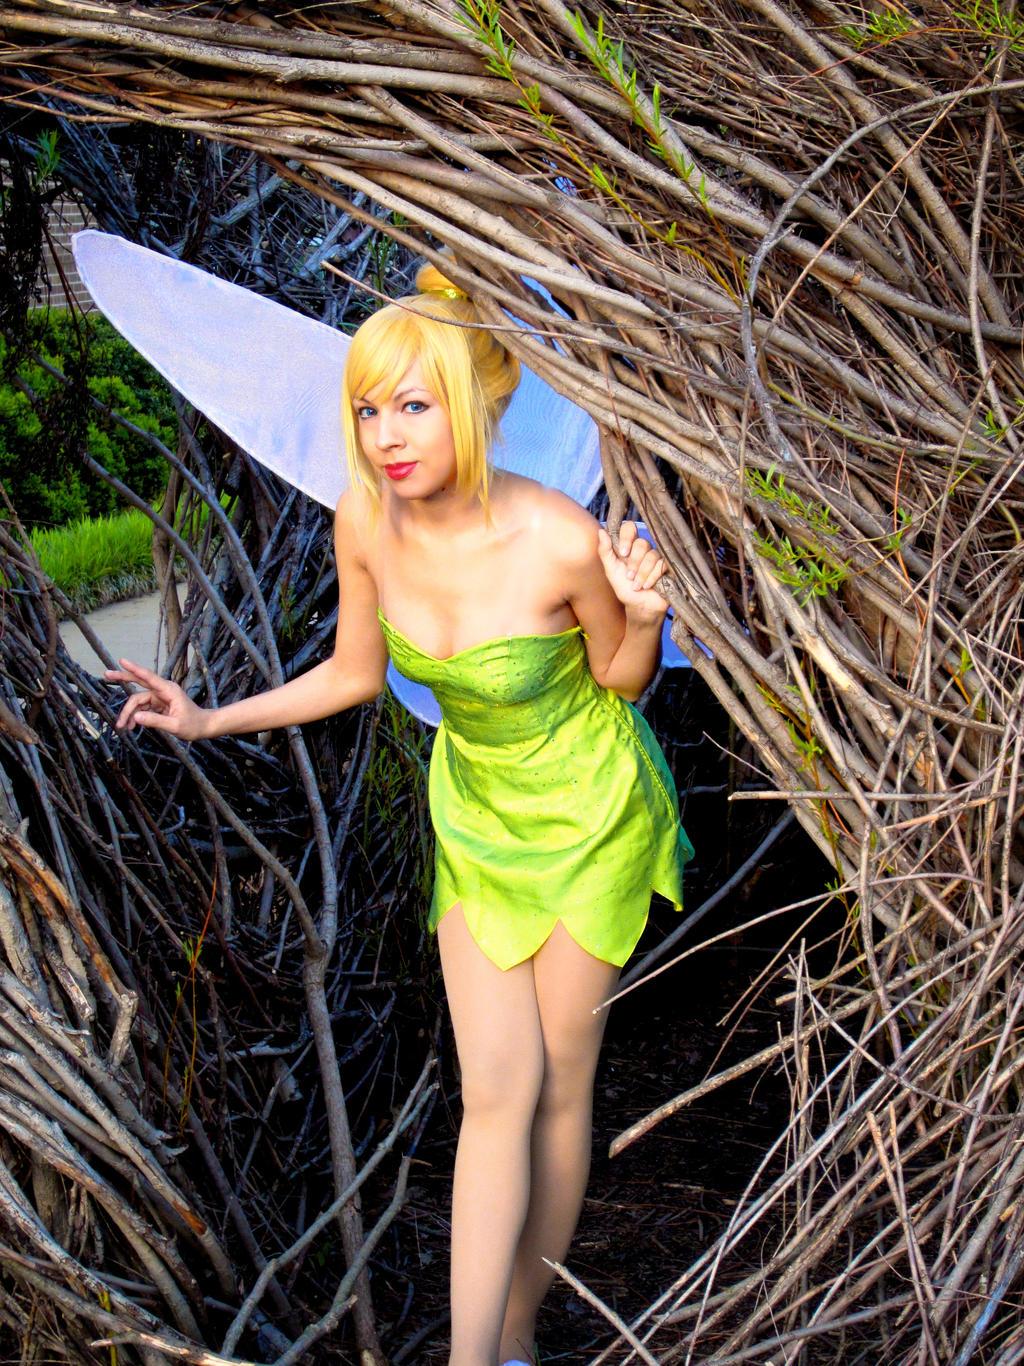 Peter Pan: Tinkerbell by MomoKurumi